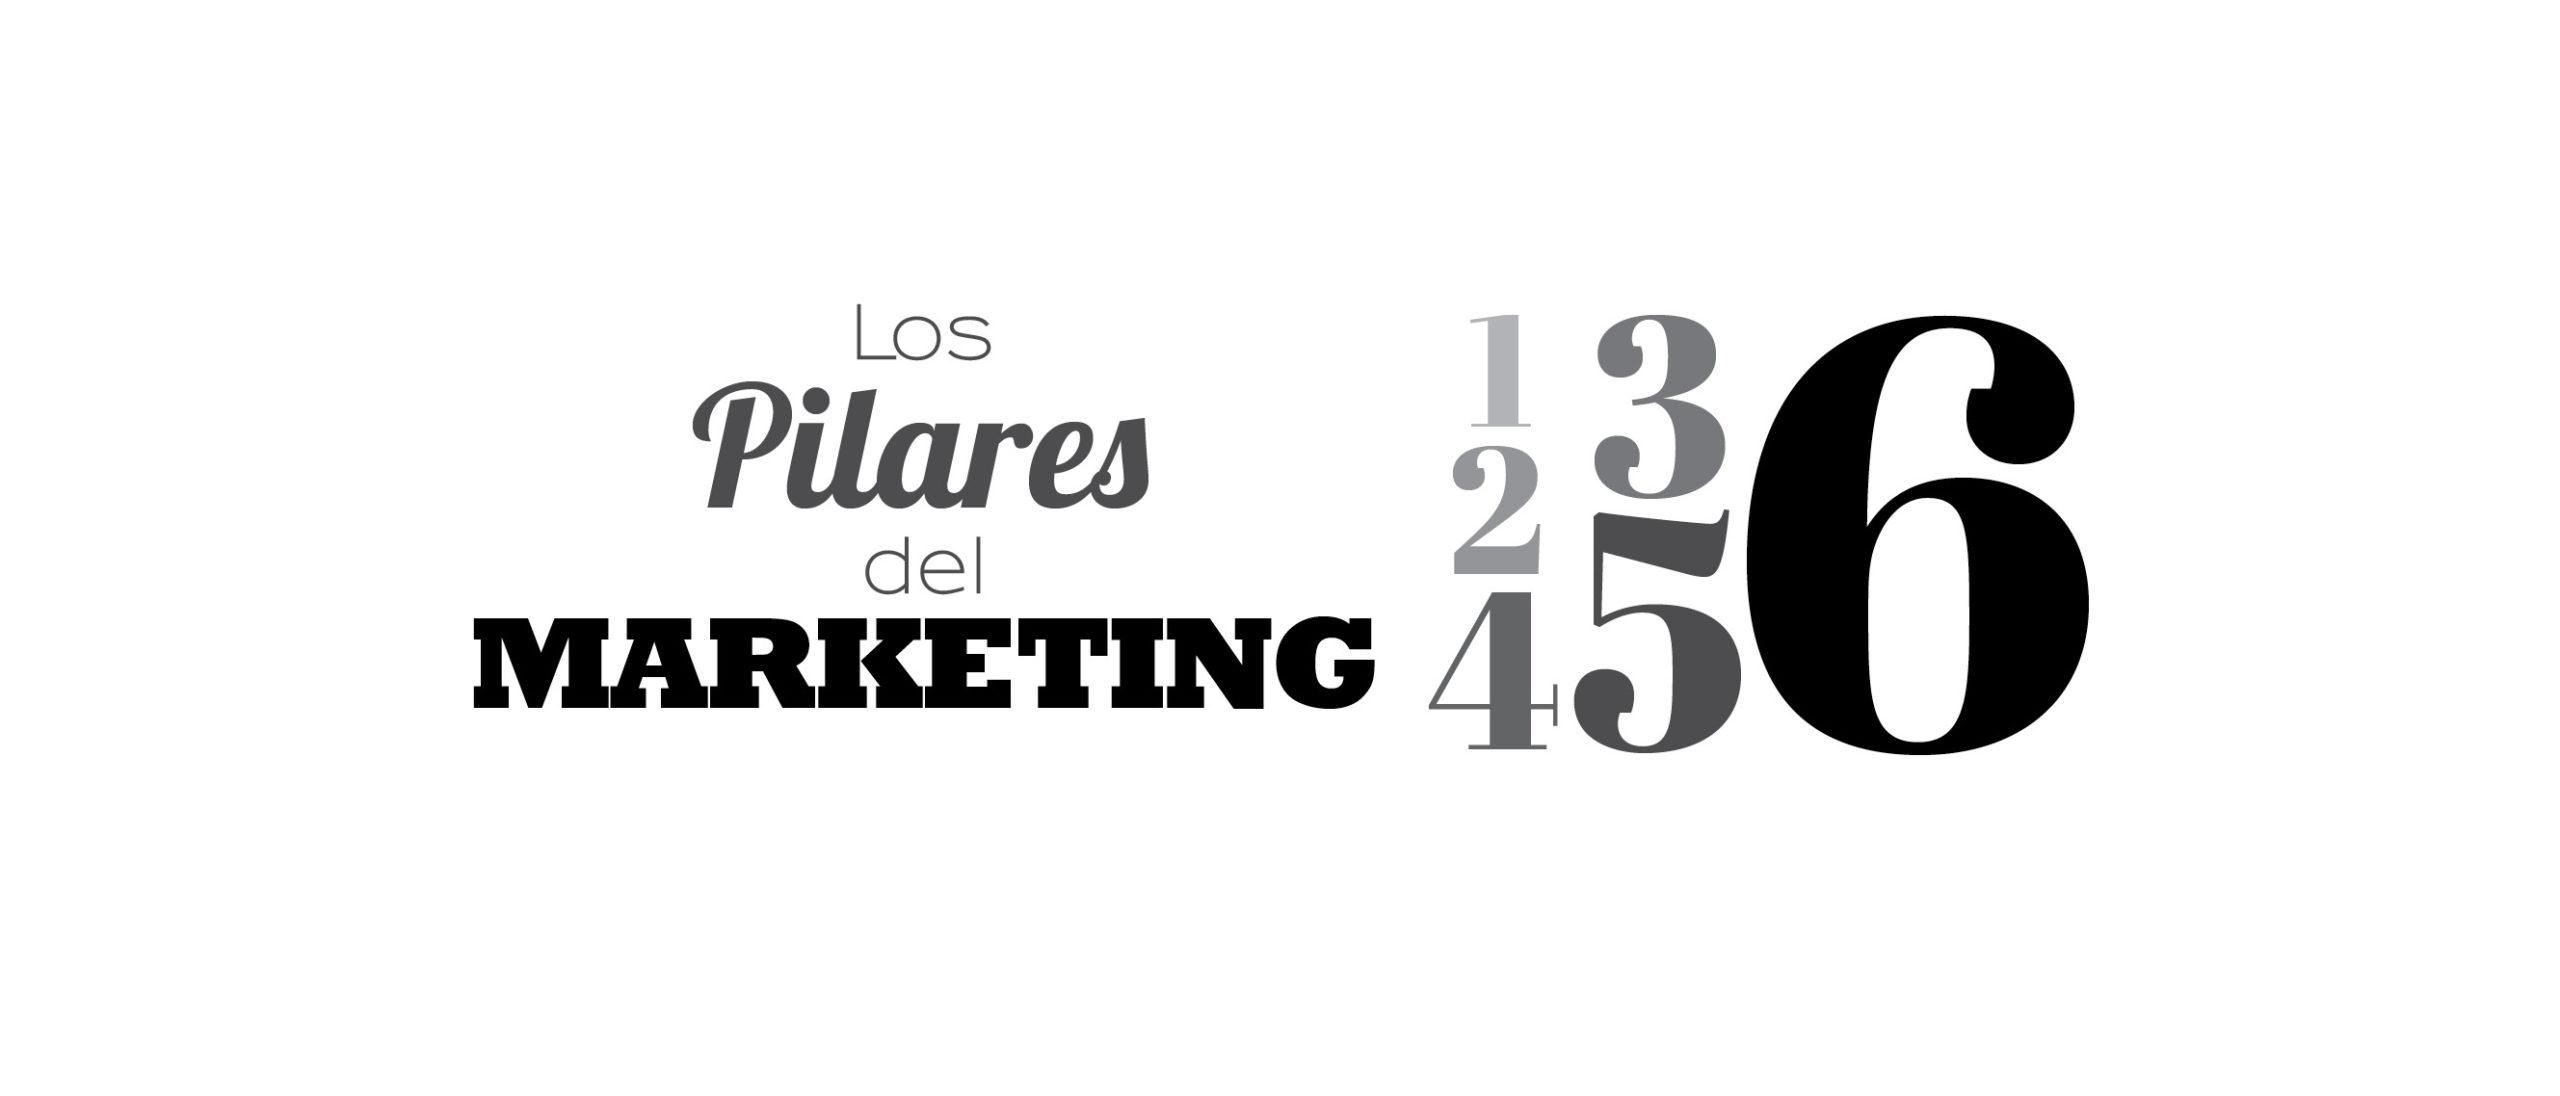 Los Pilares del Marketing